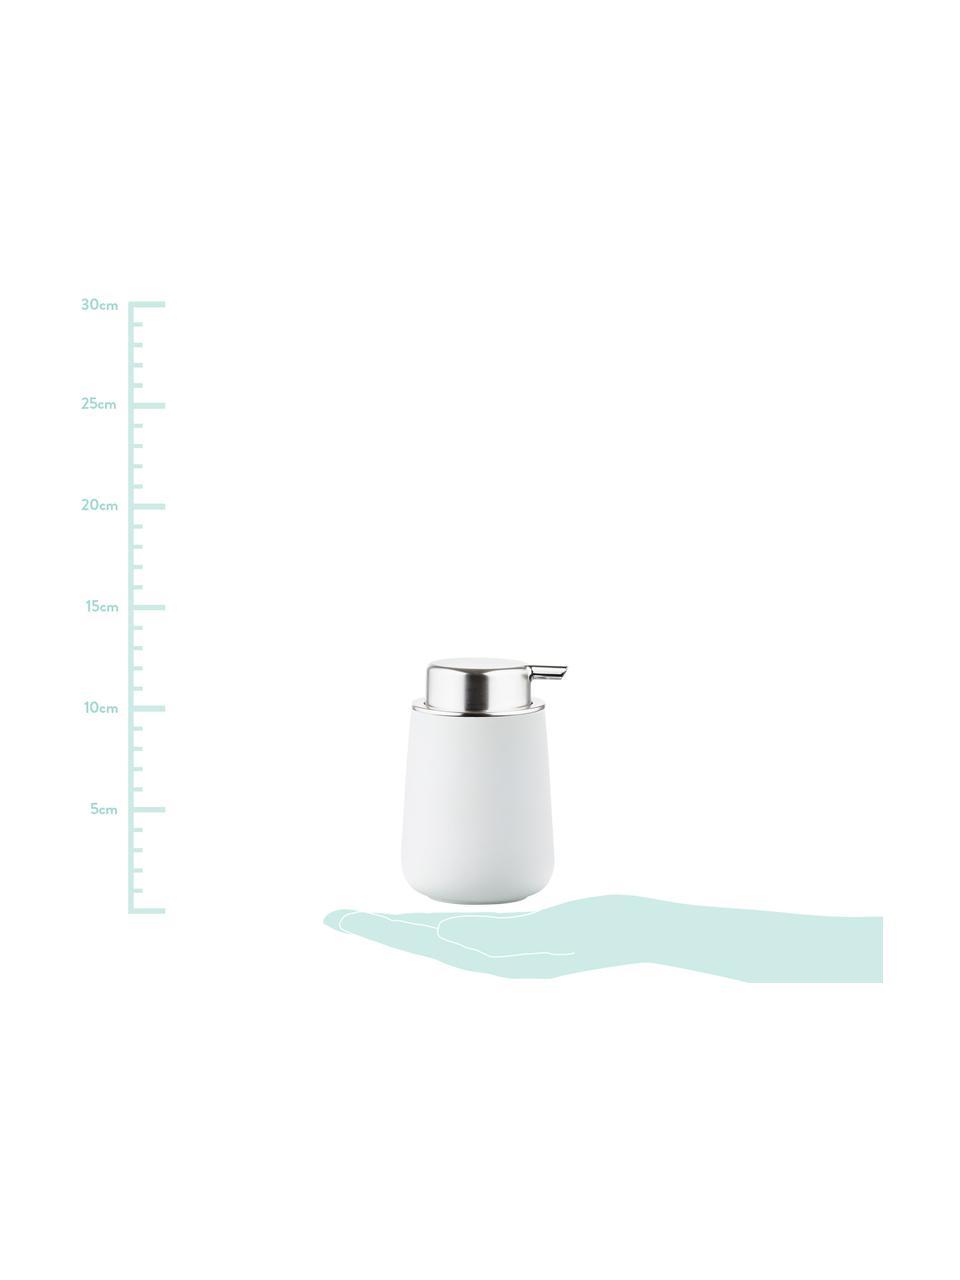 Porzellan-Seifenspender Nova One, Behälter: Porzellan, Weiß matt, Silberfarben, Ø 8 x H 12 cm